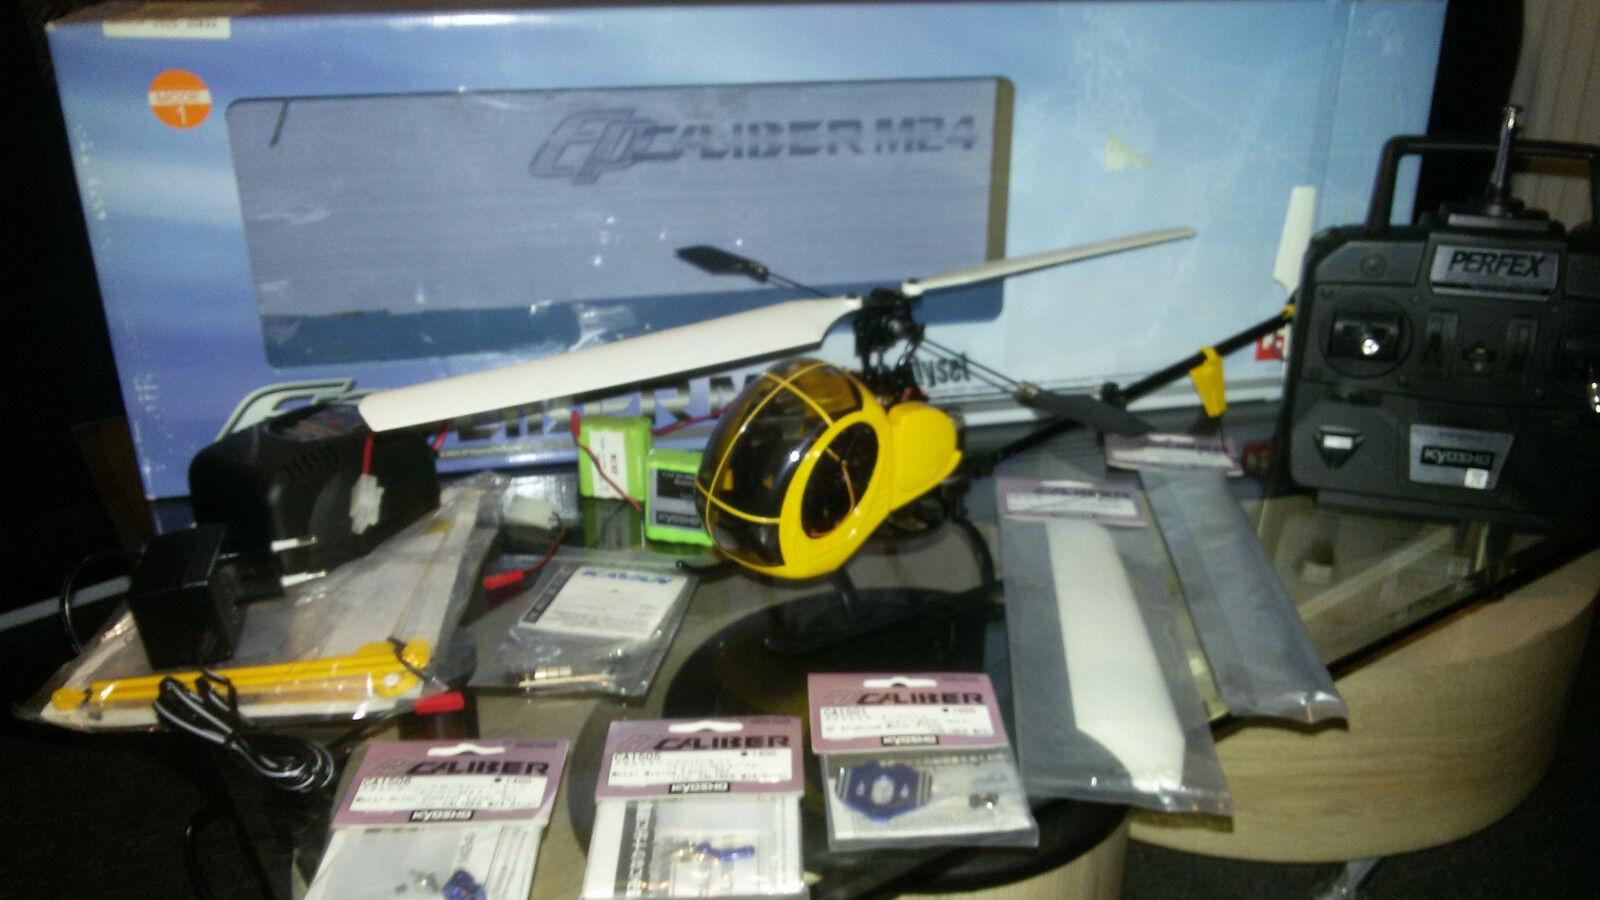 RC elicottero KYOSHO Caliber m24 con accessori e Tuningteilen